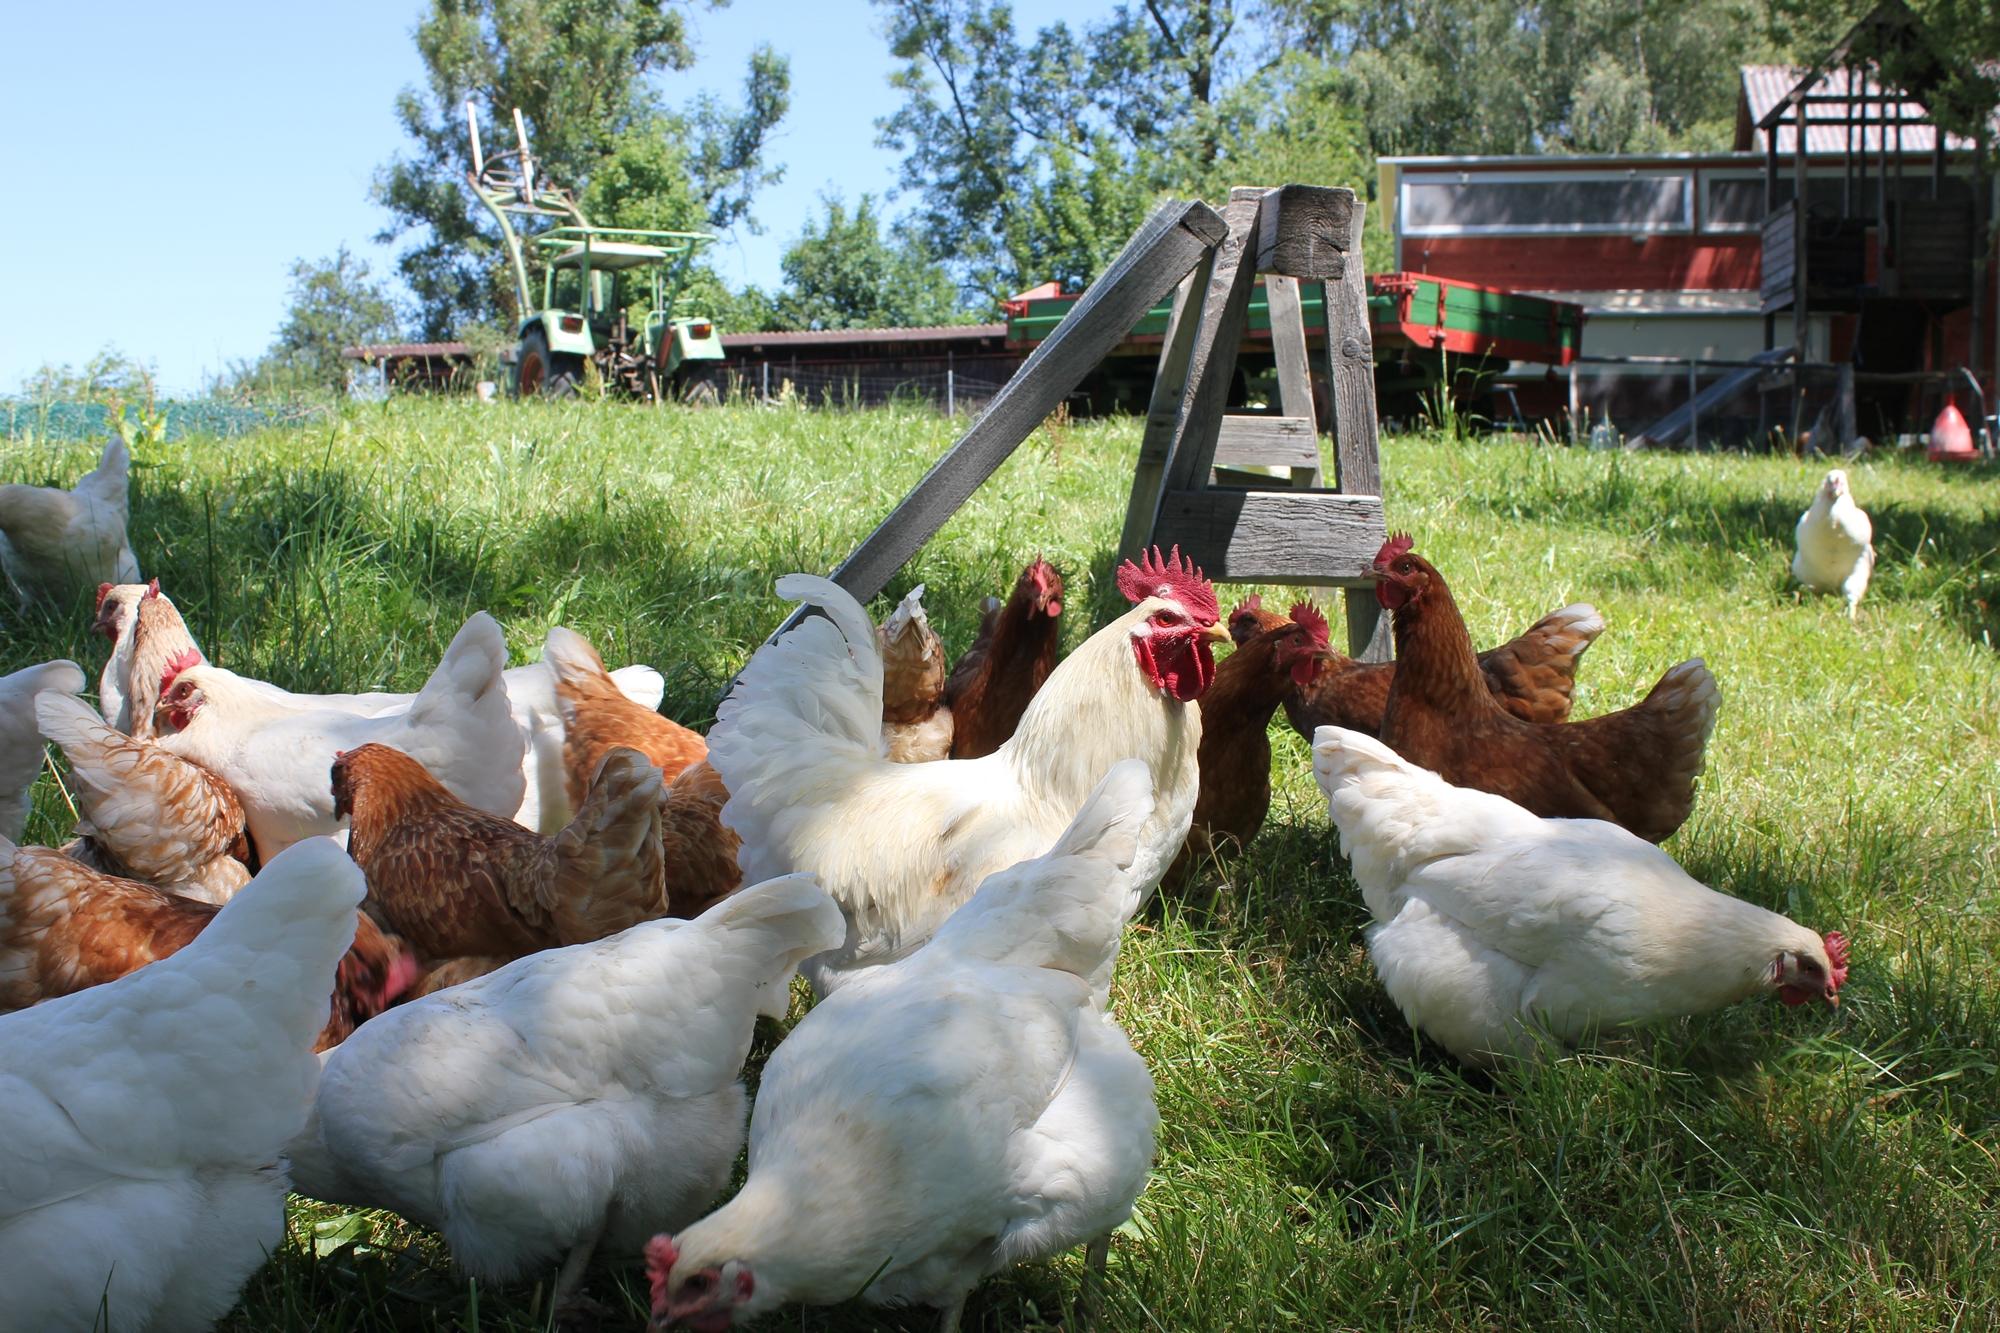 Stolze Hähne, freie Hühner - artgerechte Tierhaltung in Ravensburg